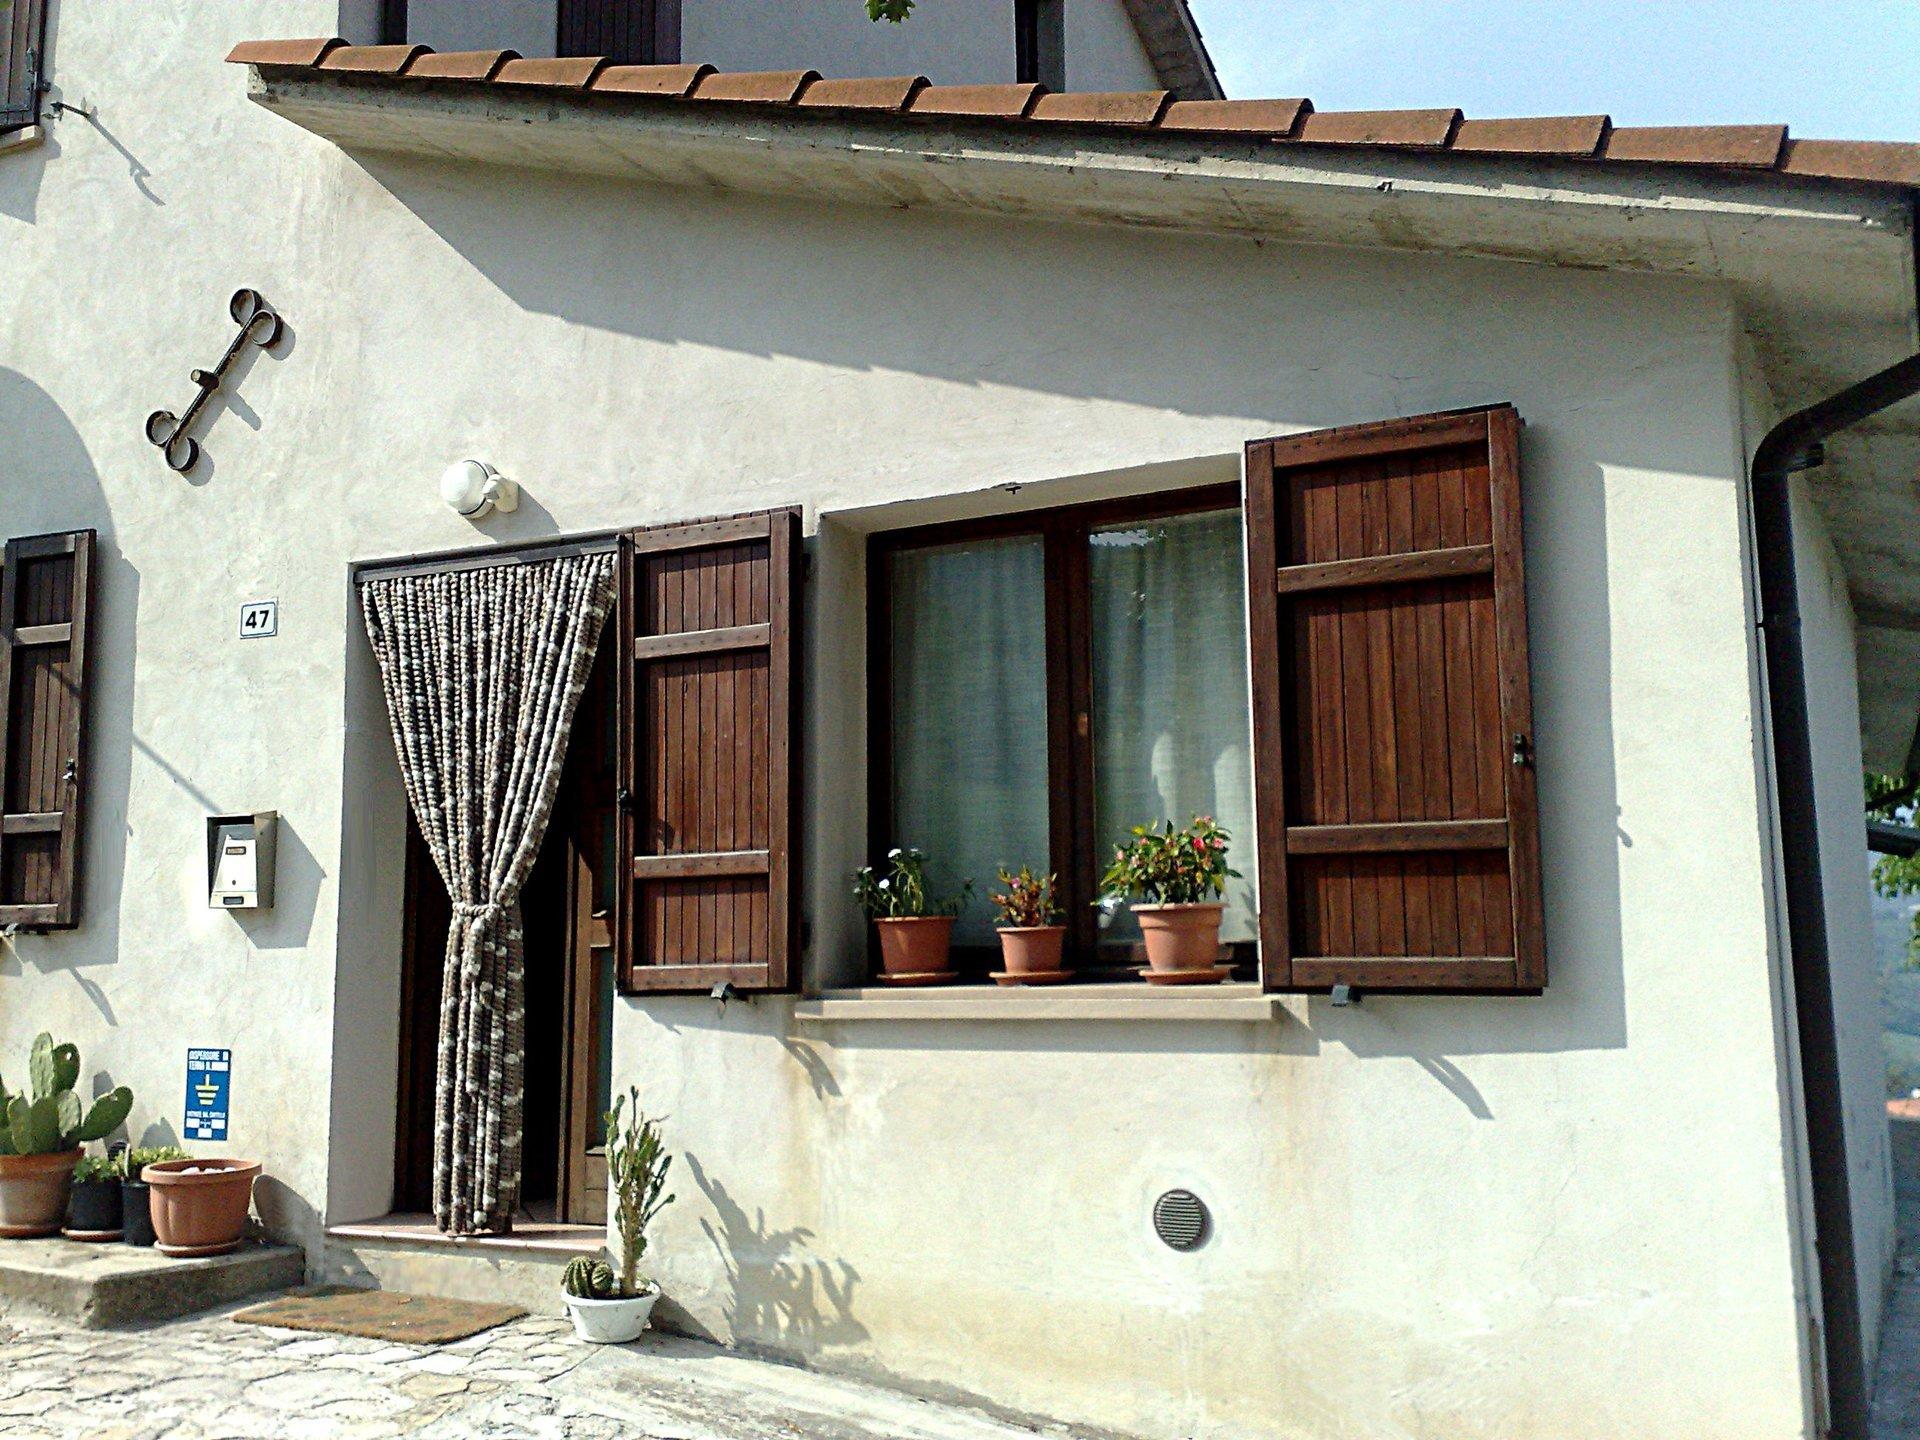 casa con finestra e crepa